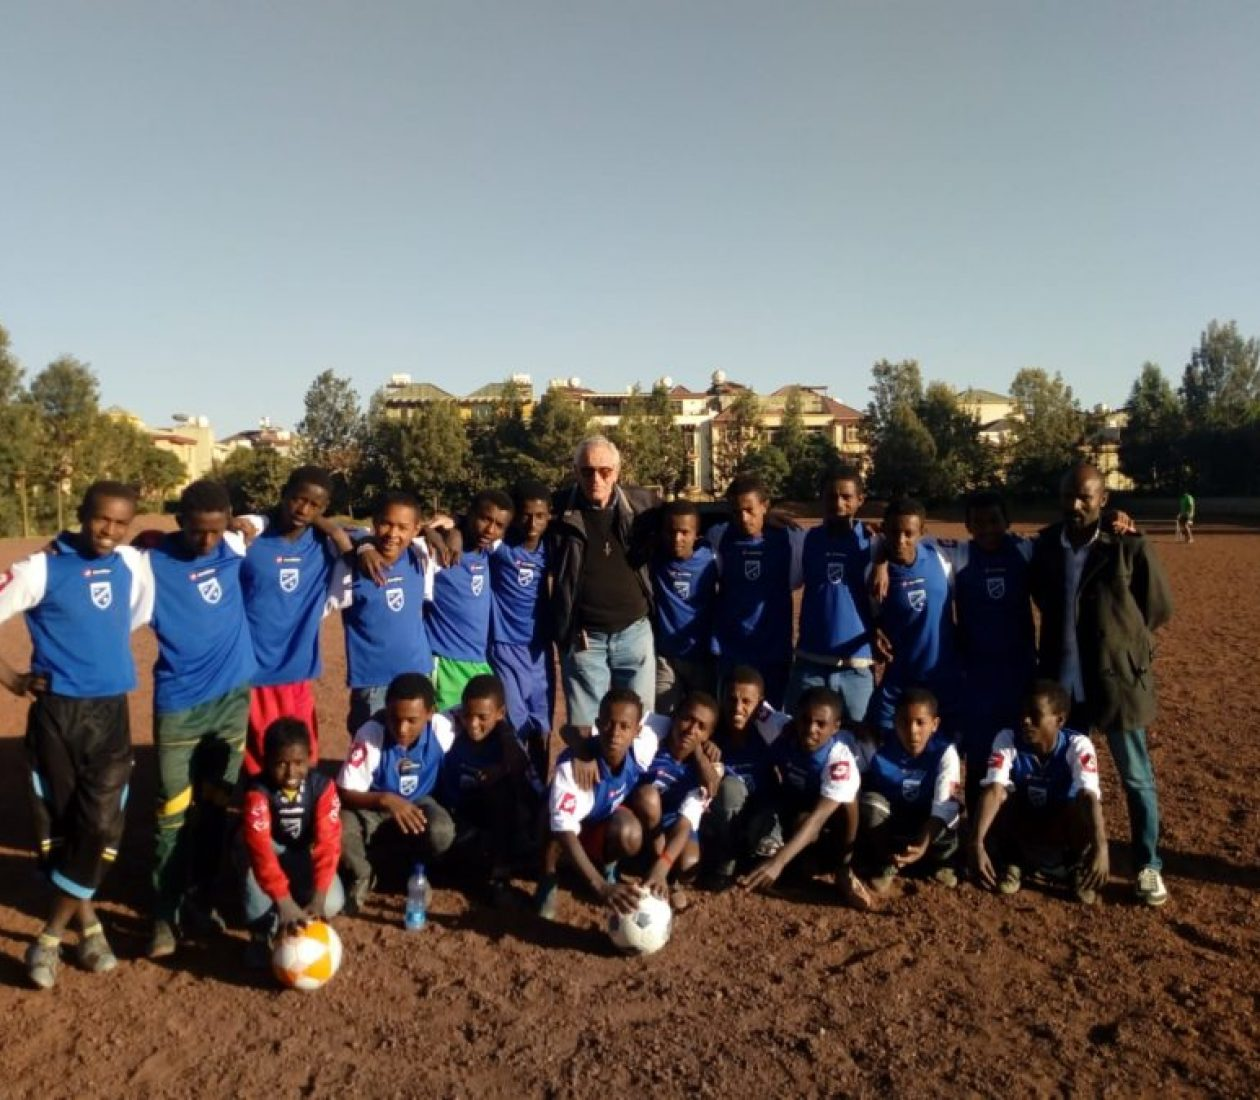 Nuovo materiale sportivo della Macallesi in Etiopia!